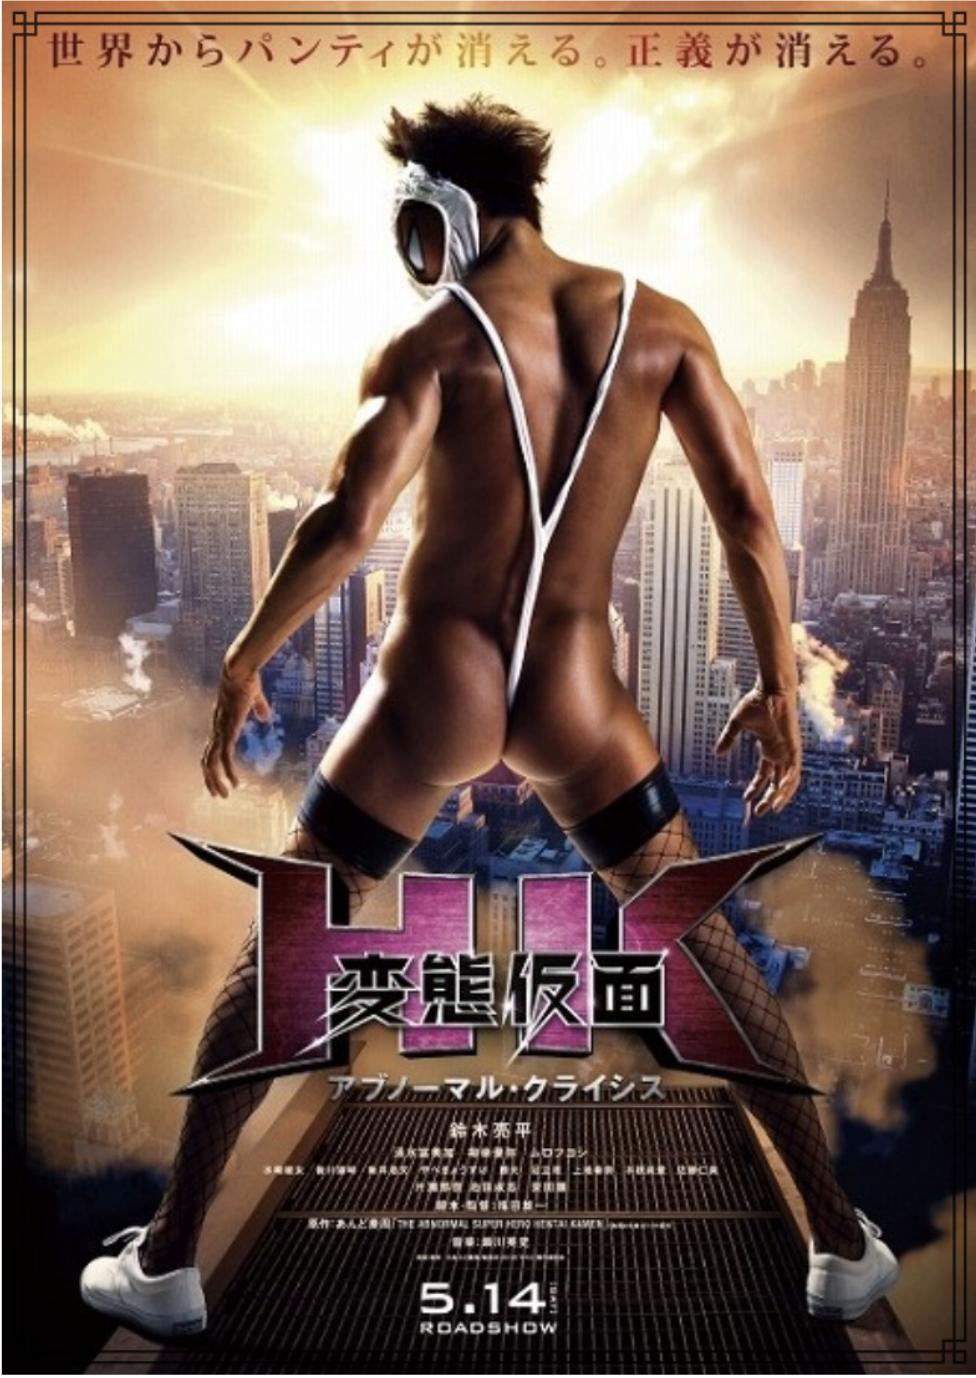 映画『HK 変態仮面 アブノーマル・クライシス』